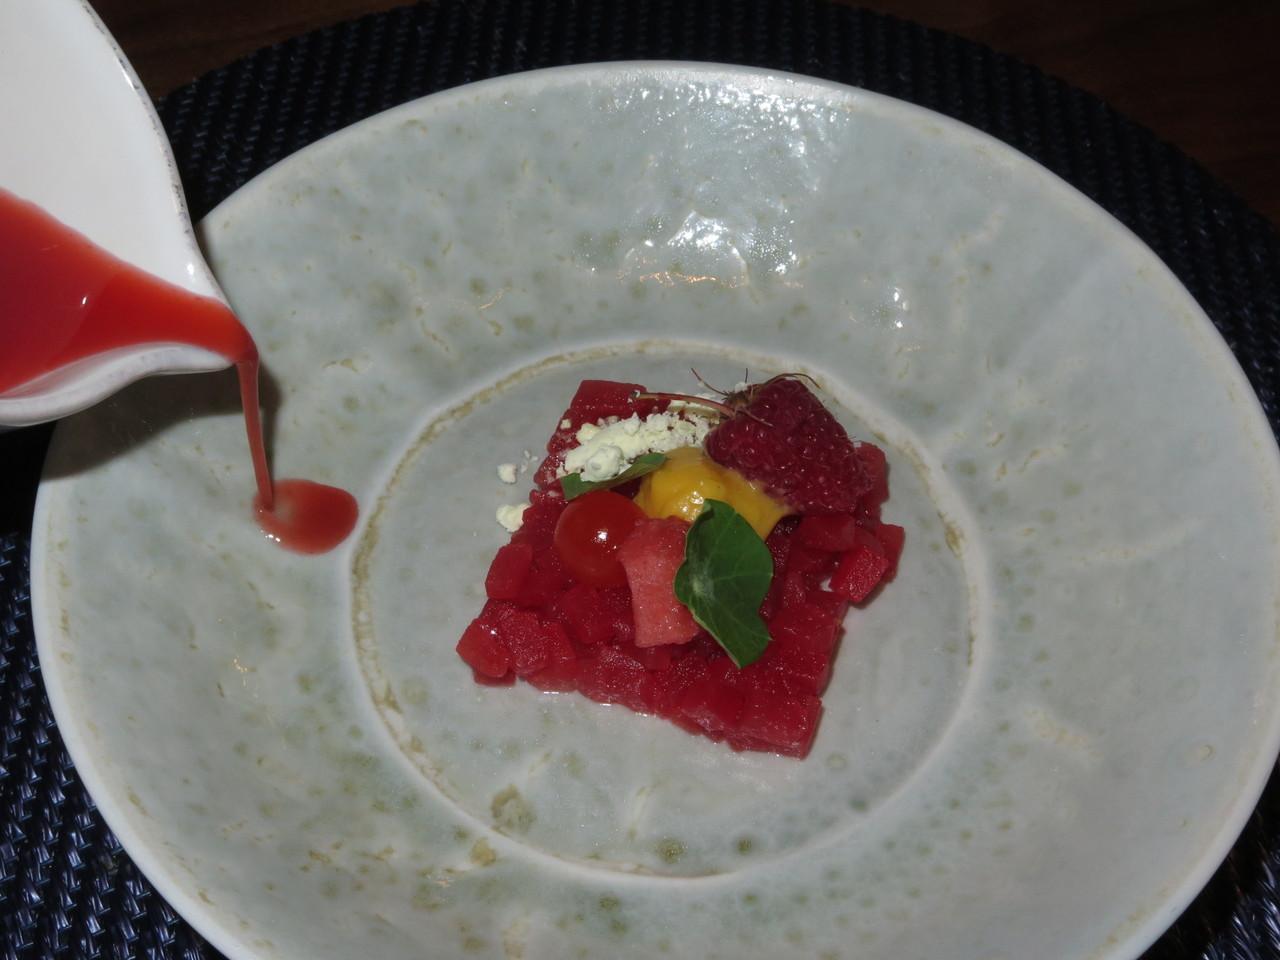 Tártaro de melancia, chili e morangos